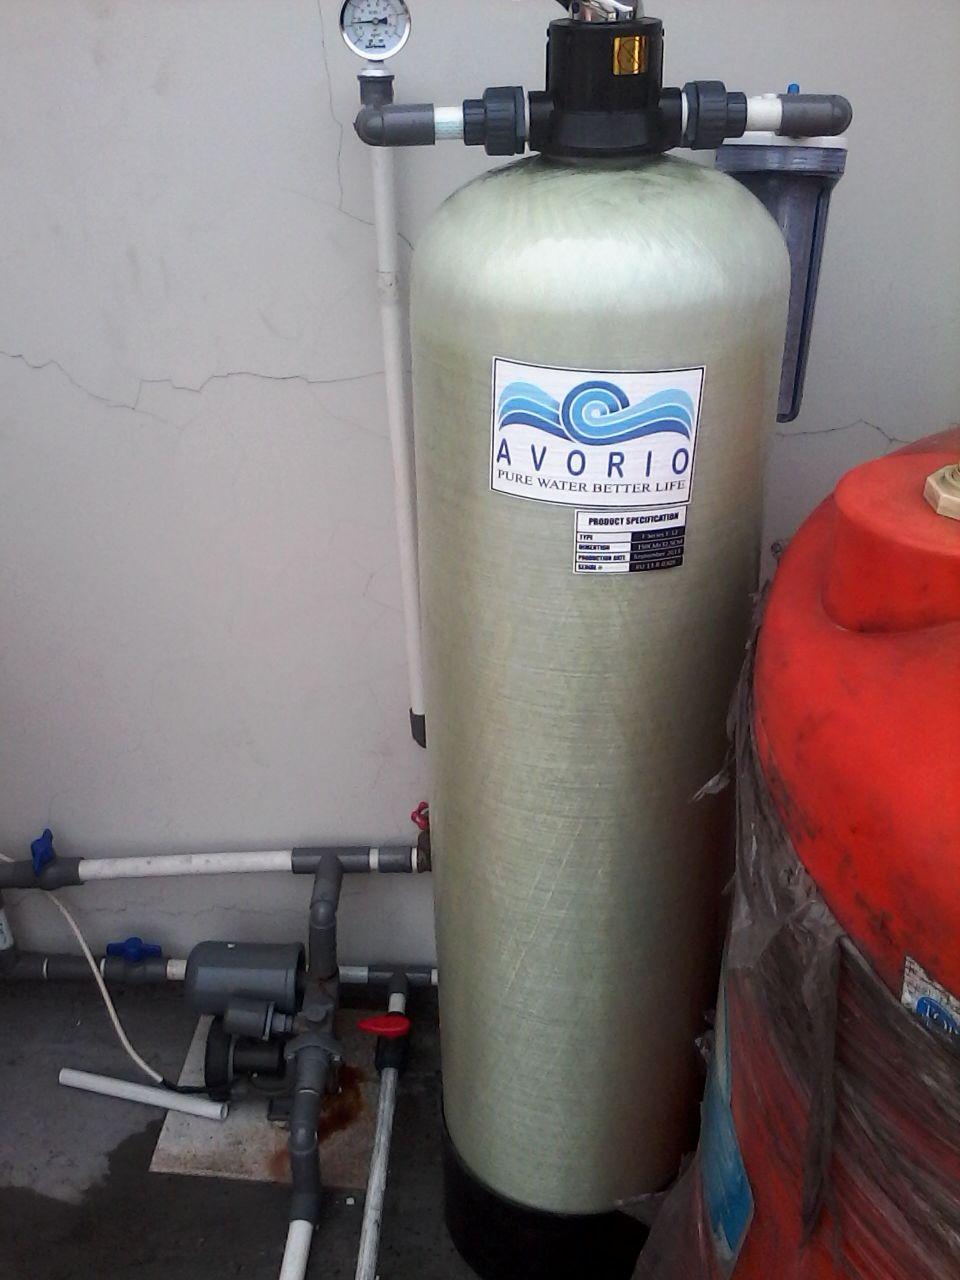 harga filter air terbaru. jual filter penjernih air rumah tangga dan skala industri besar untuk daerah jakarta, cibubur, depok, tangerang, bekasi, bandung, bogor, sertifikasi halal, garansi uang kembali